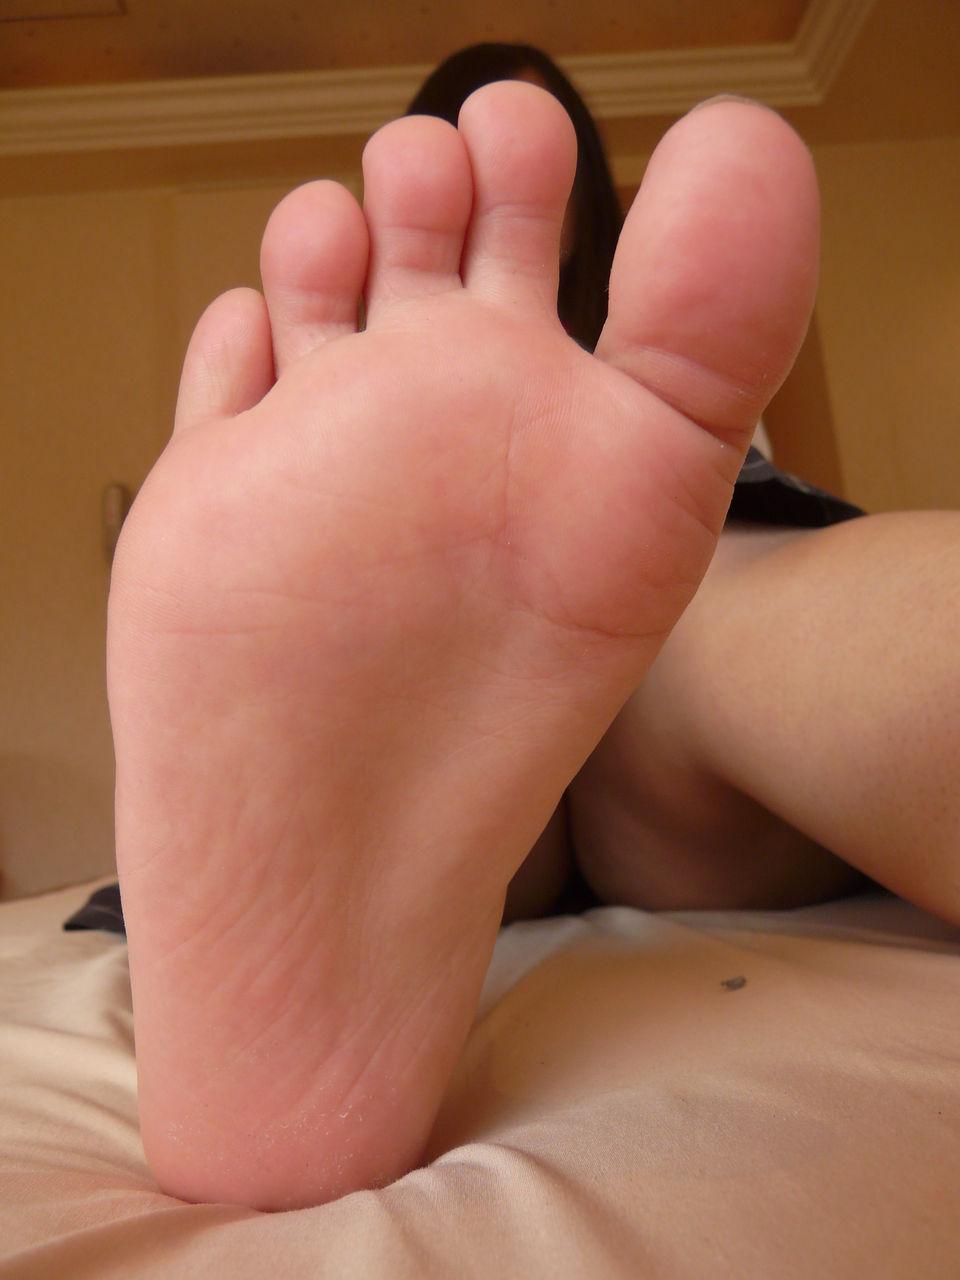 【足フェチエロ画像】密かに味もみておきたいw女の子の綺麗な足裏www 13